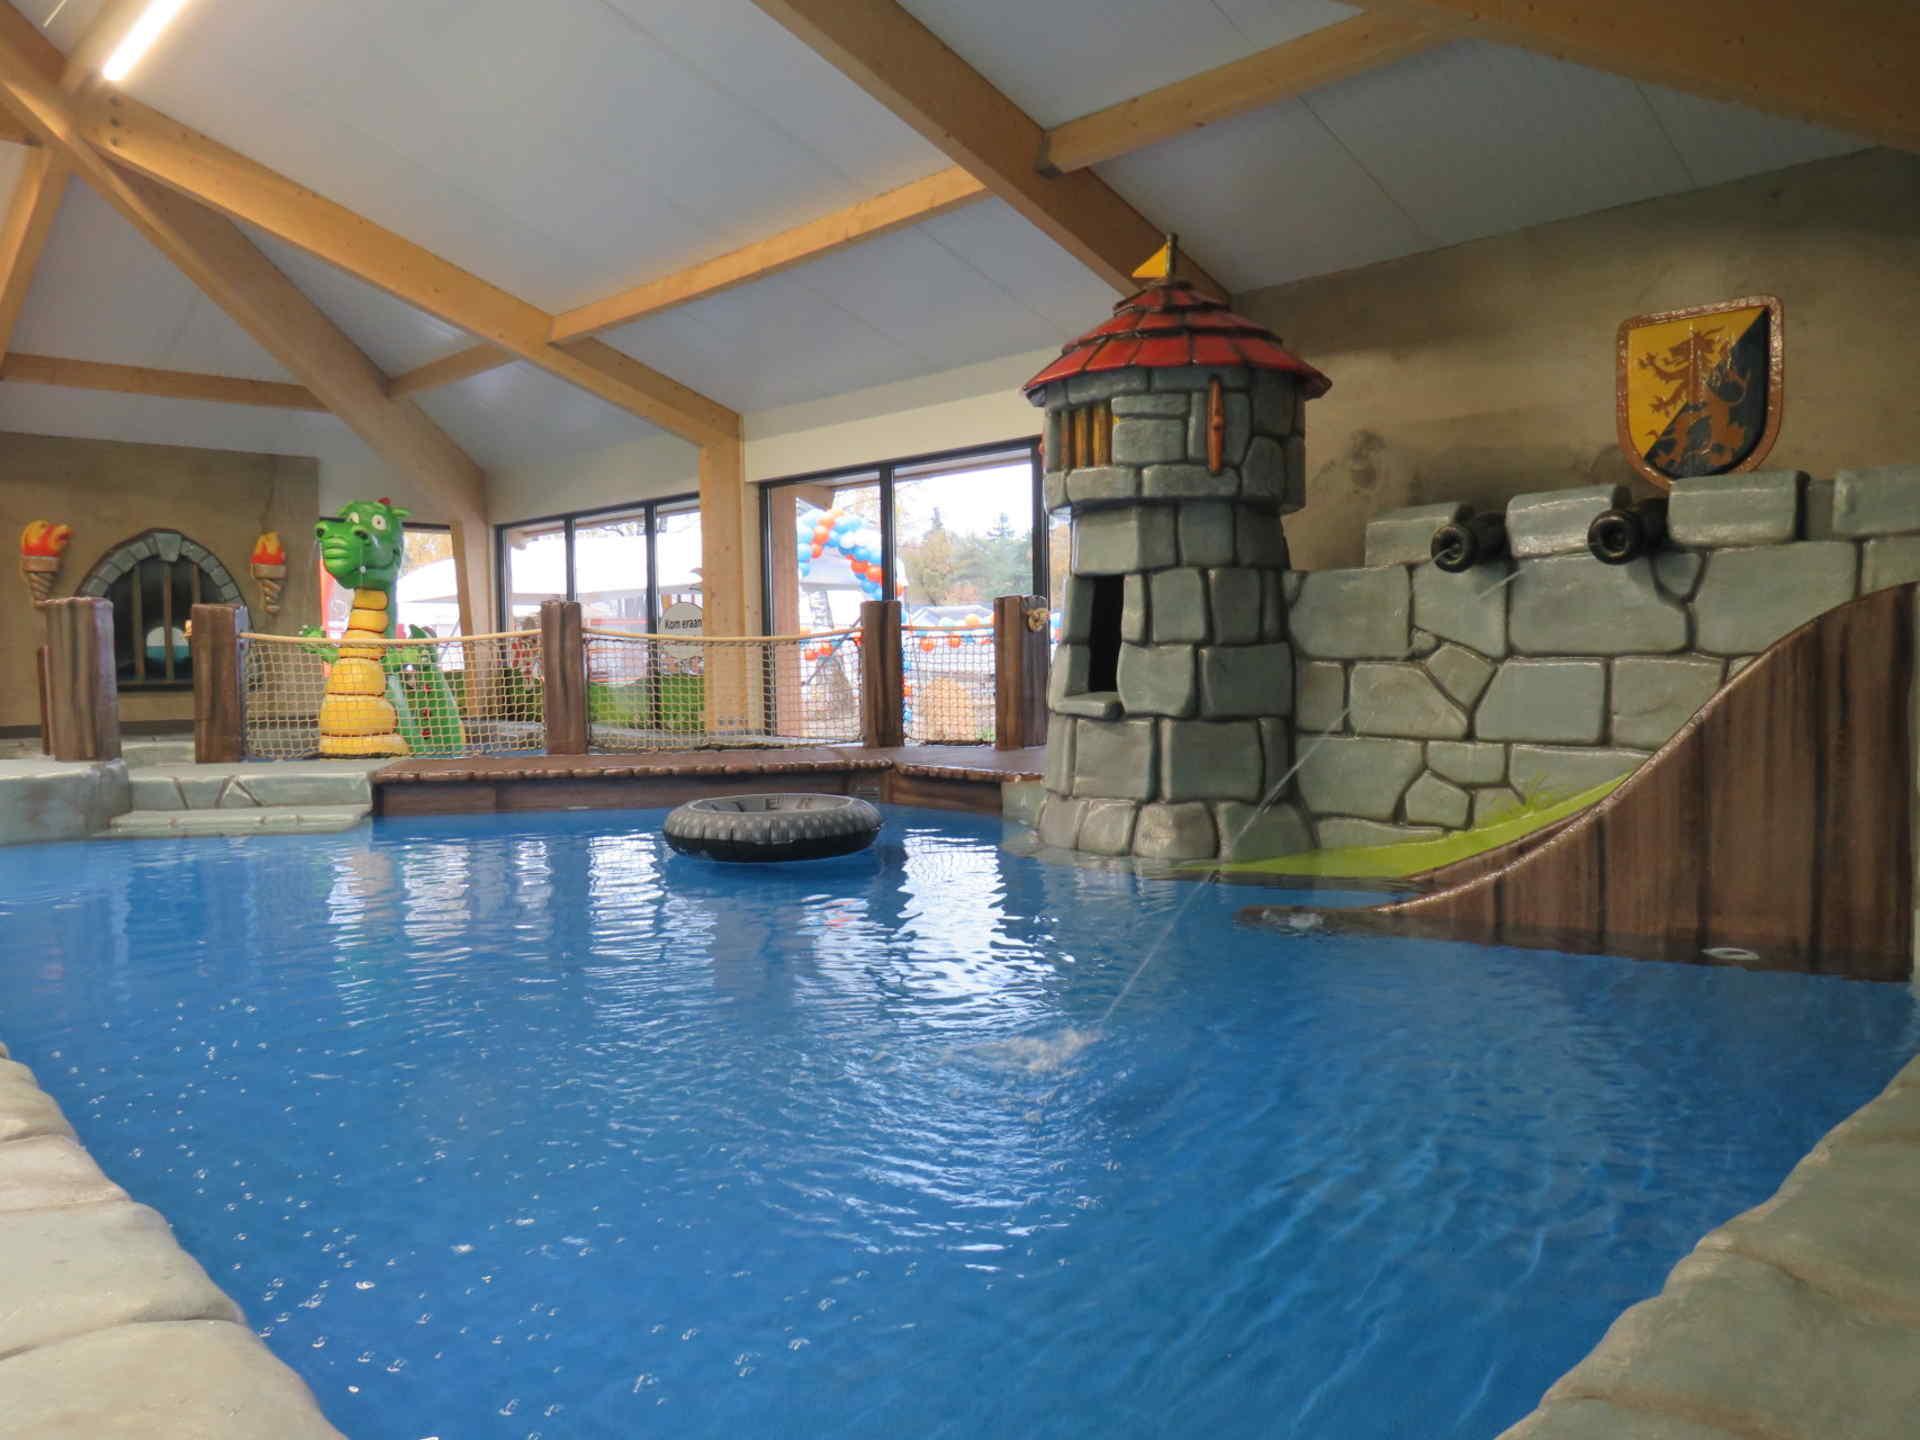 binnenzwembad resort de achterhoek europarcs